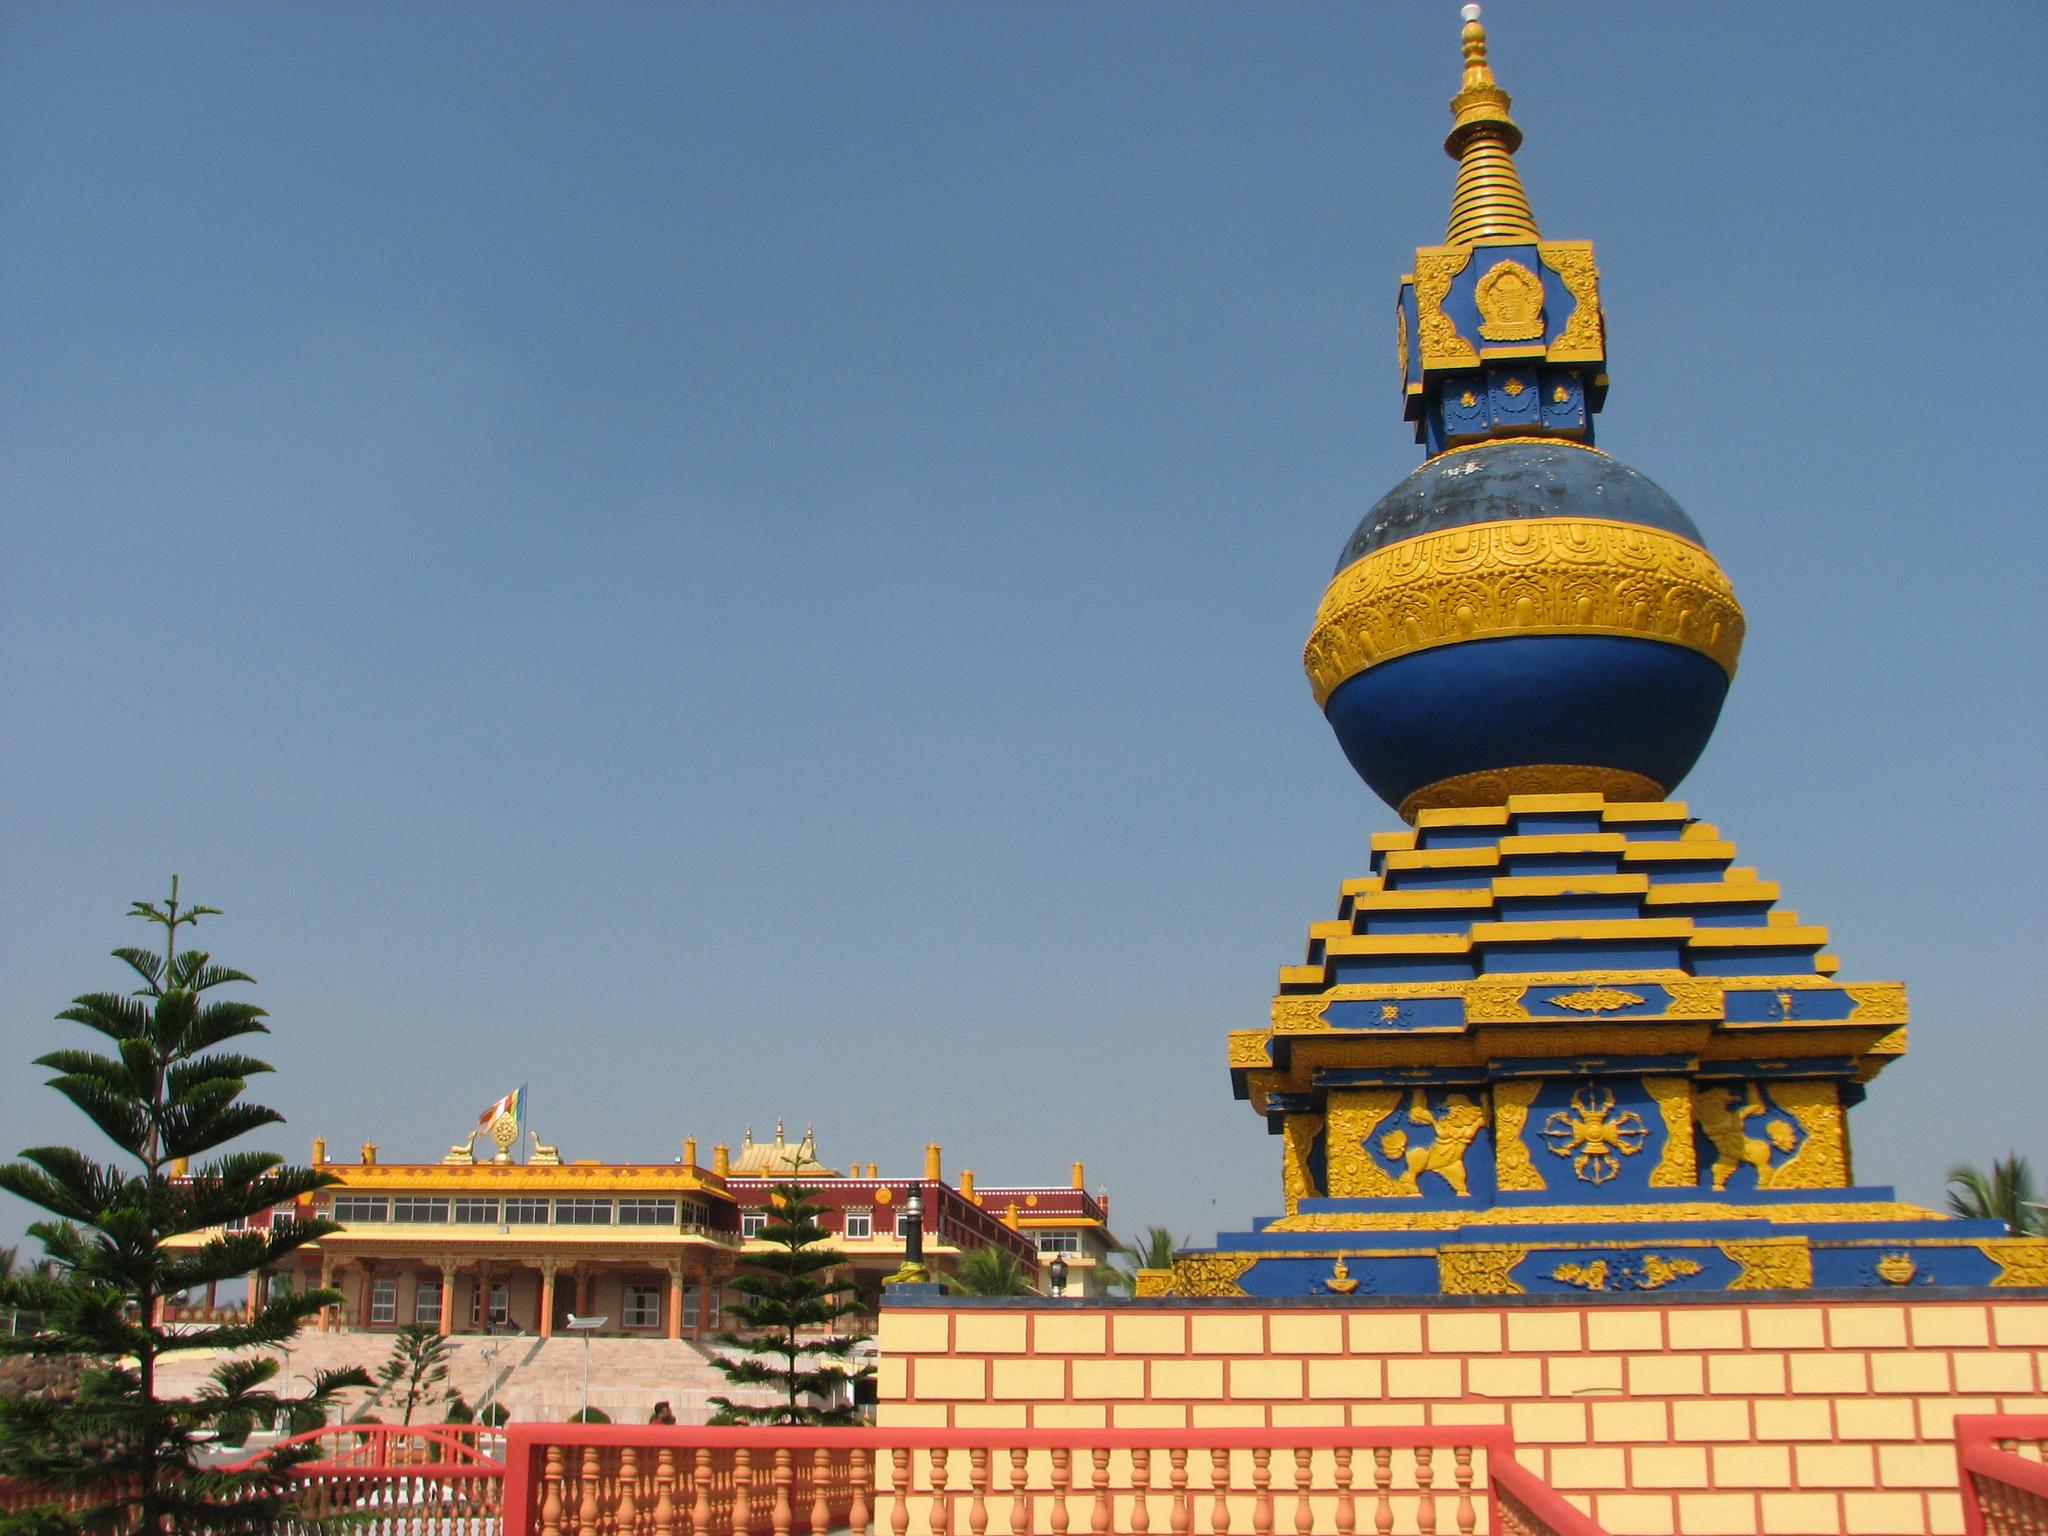 Тибетская колония Мунгод в штате Карнатака, Индия